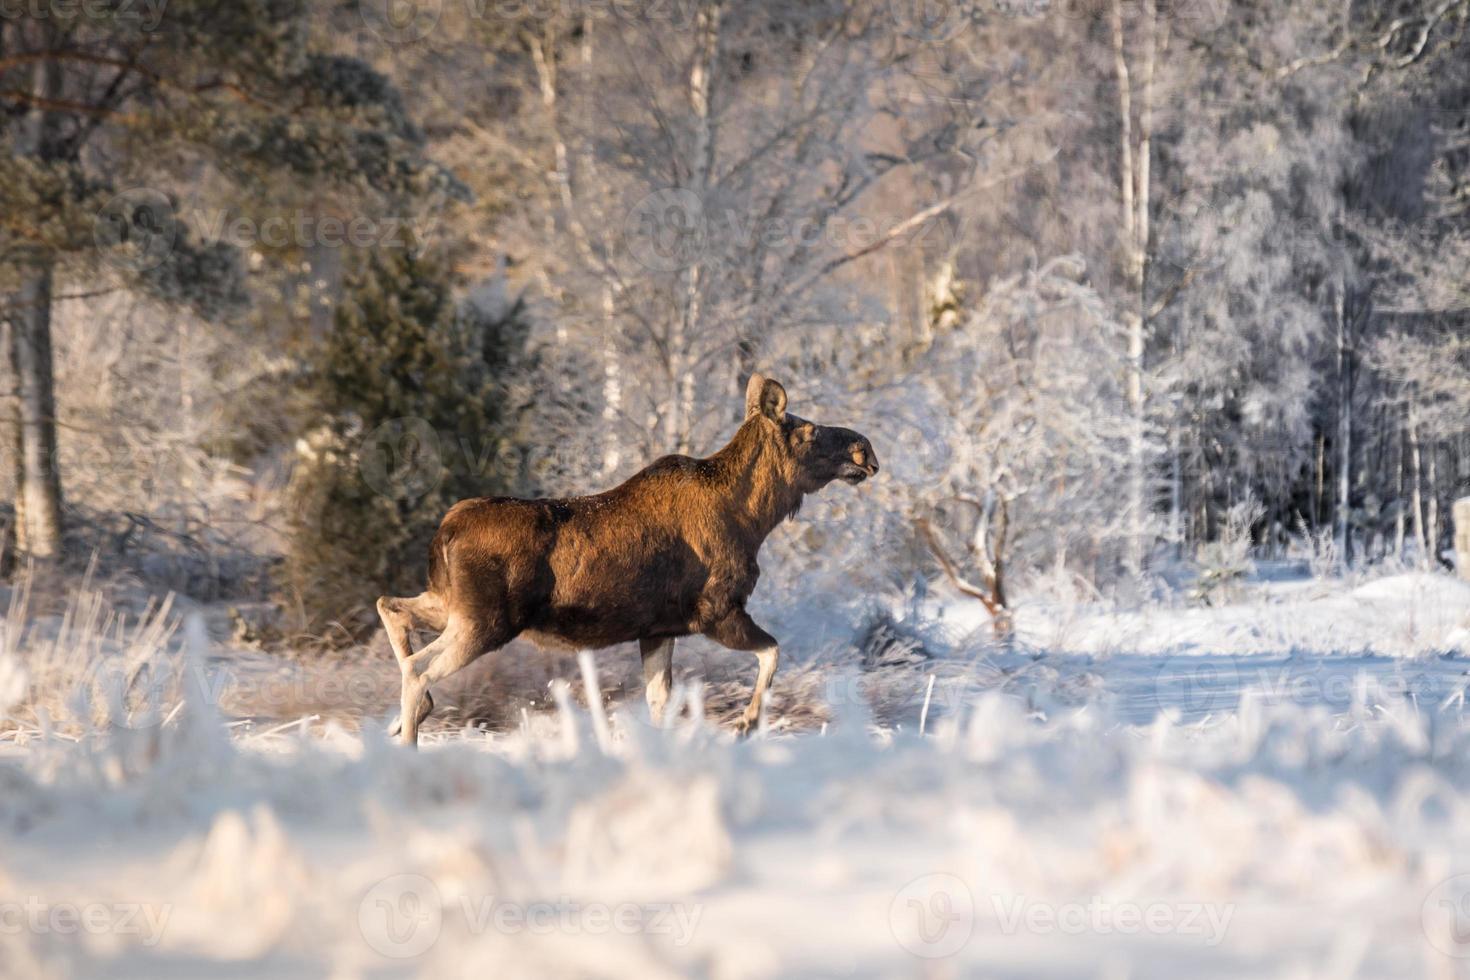 vrouwelijke eland die een met sneeuw bedekt veld in zonlicht oversteken foto